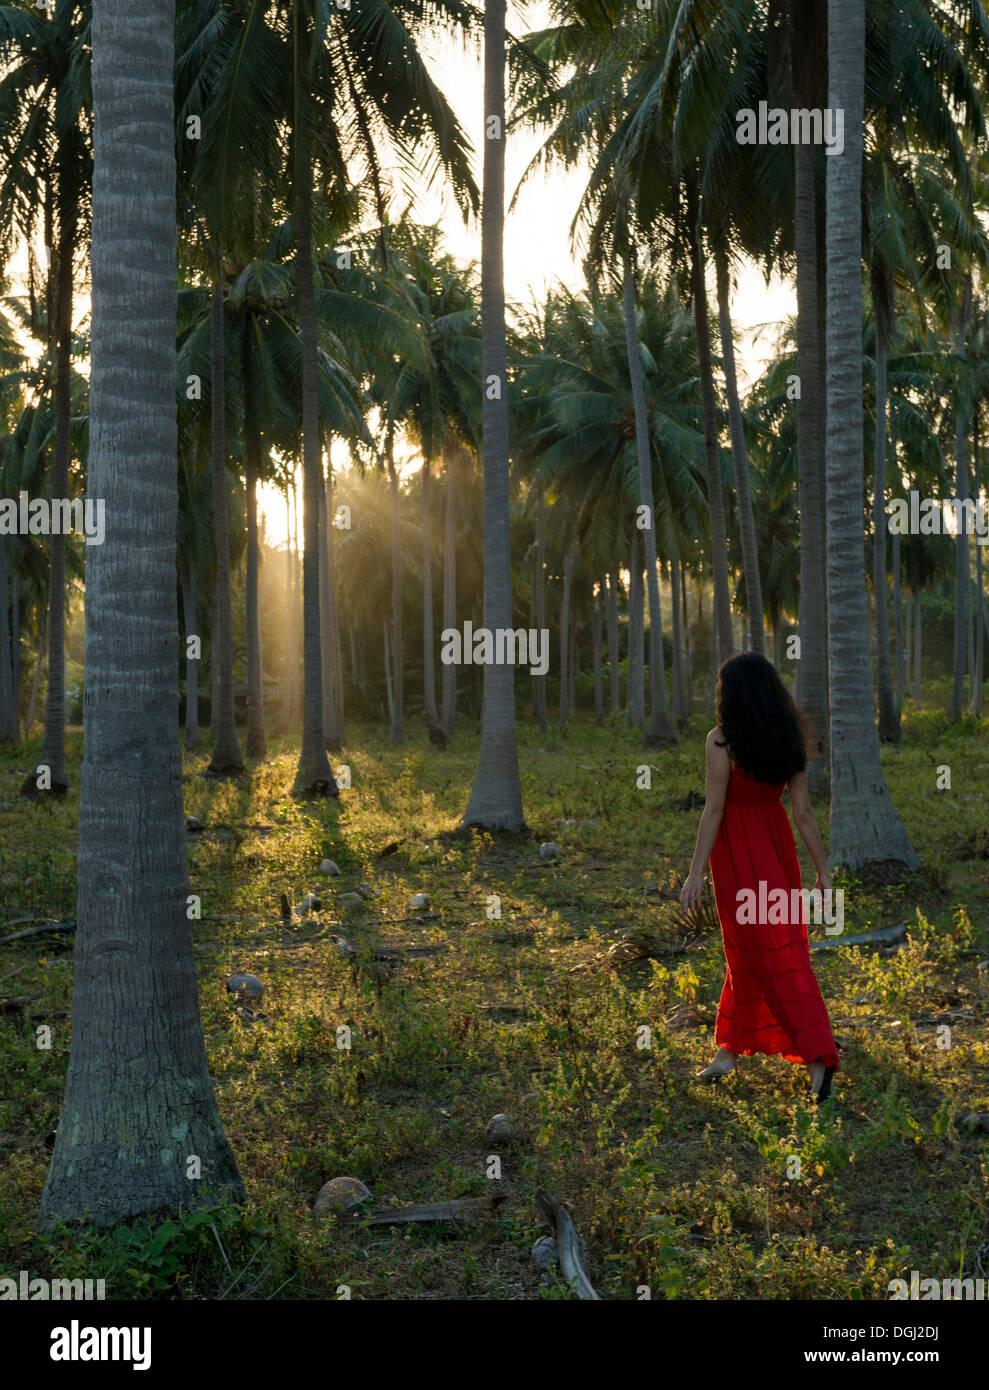 Frau mit rotem Kleid, Wandern im Wald von Palmen Stockbild